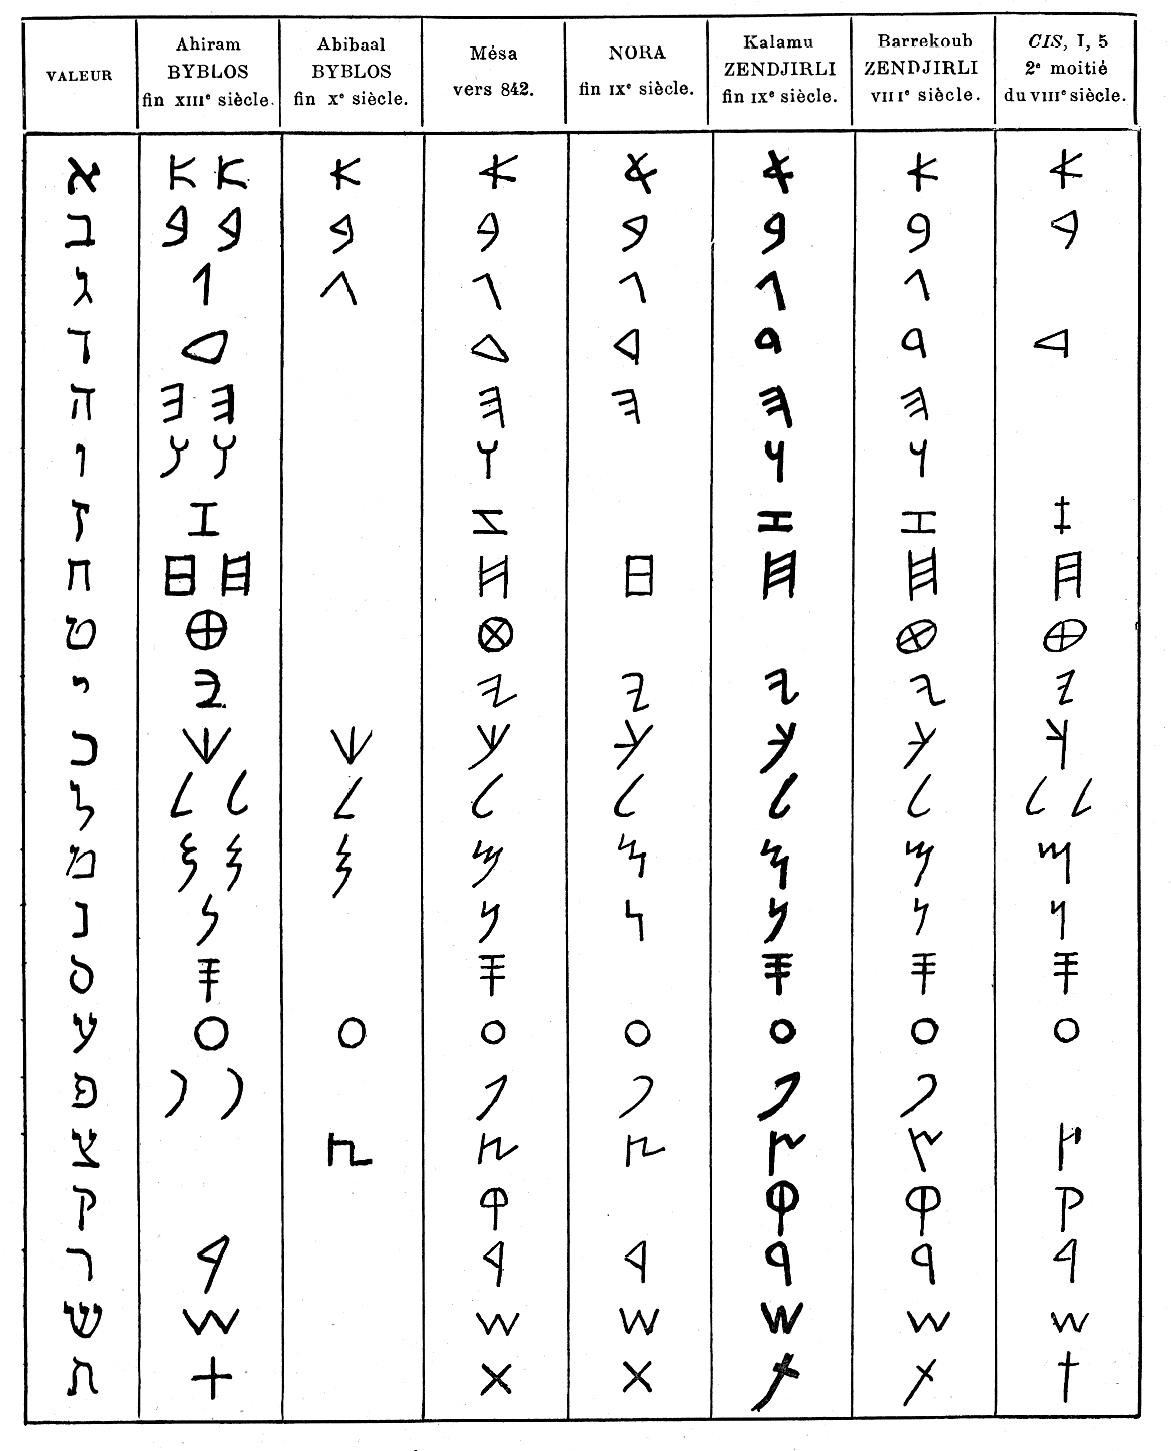 DECODAGE des prénoms et noms